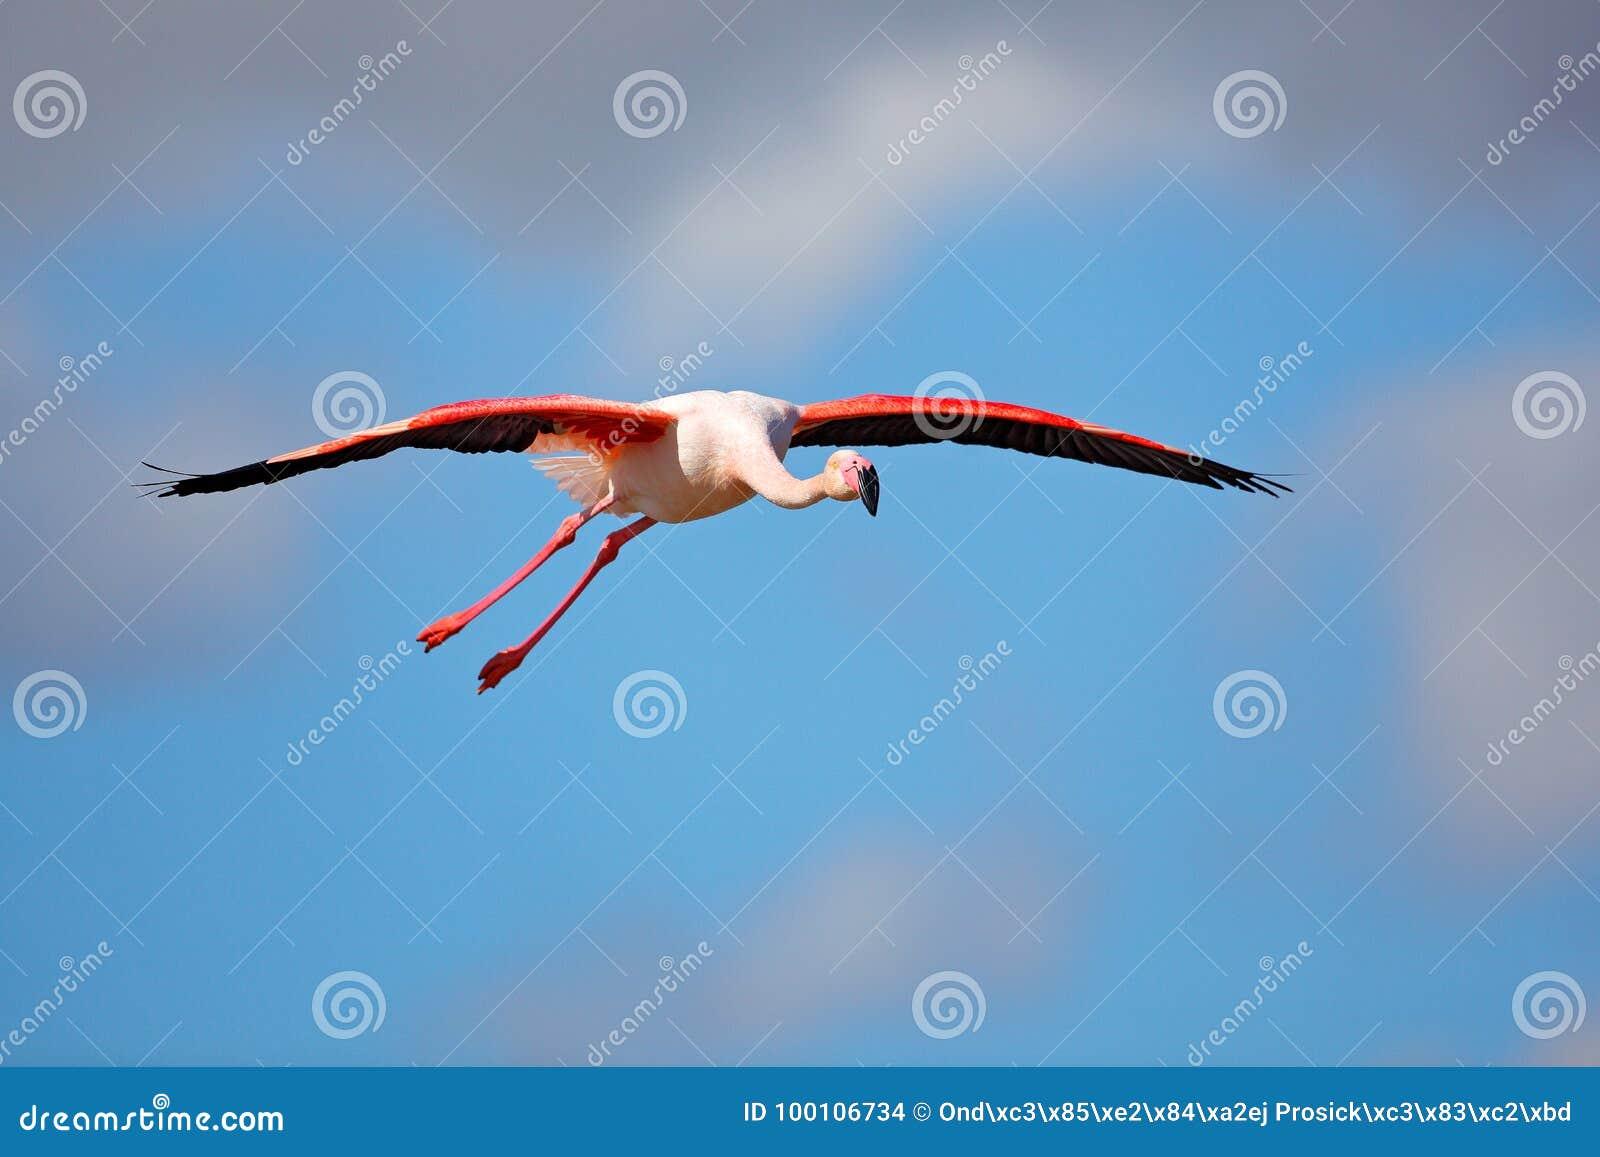 飞行的更加伟大的火鸟, Phoenicopterus ruber,与清楚的蓝天, Camargue,法国的桃红色大鸟 在飞行的火鸟 桃红色鸟